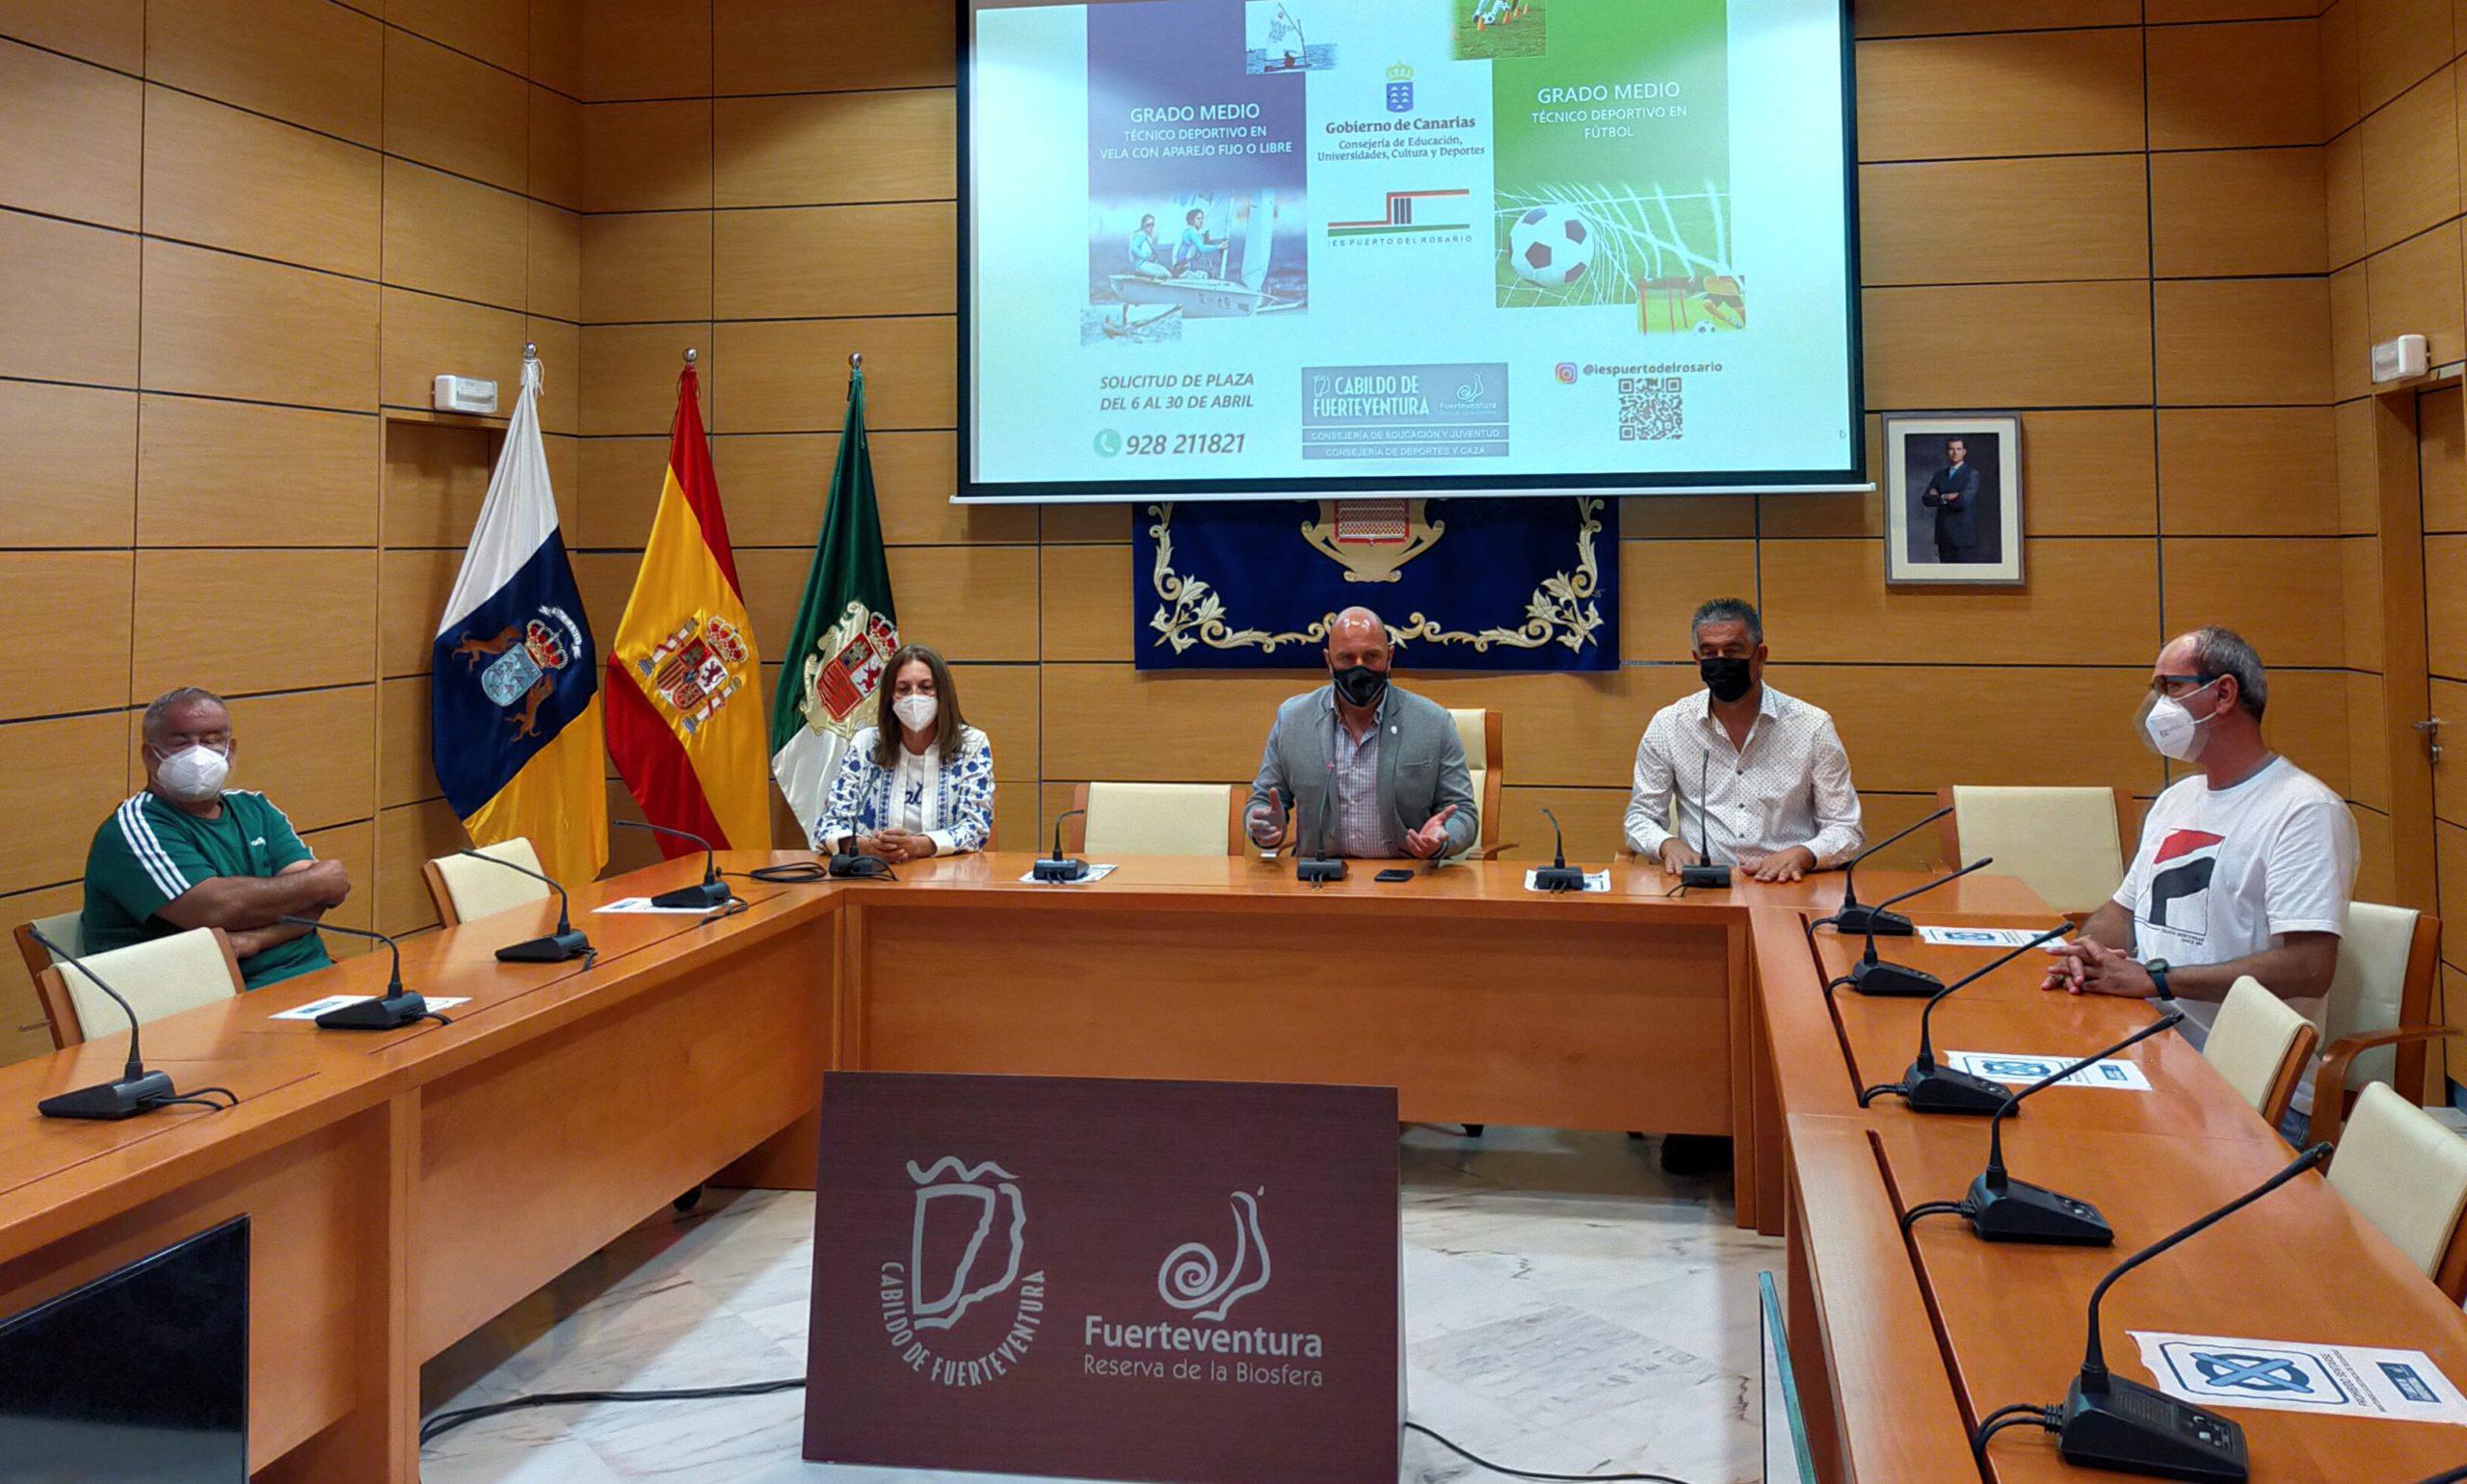 El Cabildo de Fuerteventura apuesta por la formación reglada en materia deportiva para favorecer oportunidades de empleabilidad en la isla